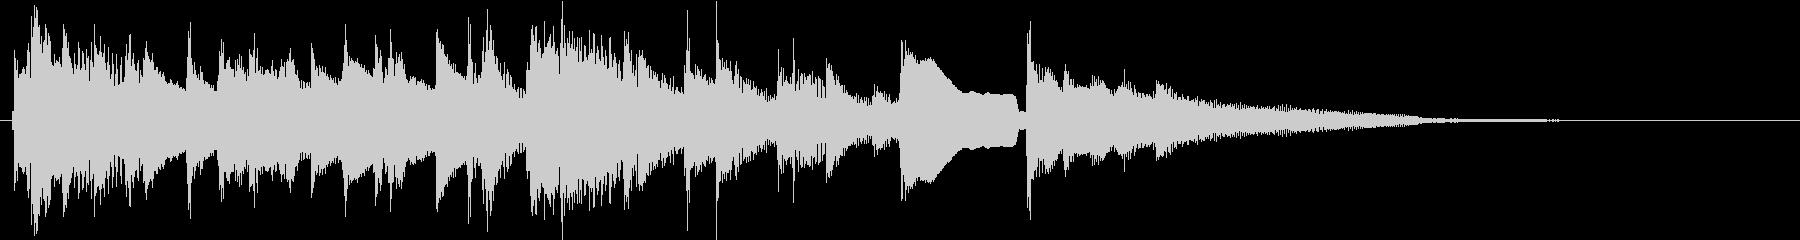 短縮版】泣ける!哀愁感漂うアコギバラードの未再生の波形